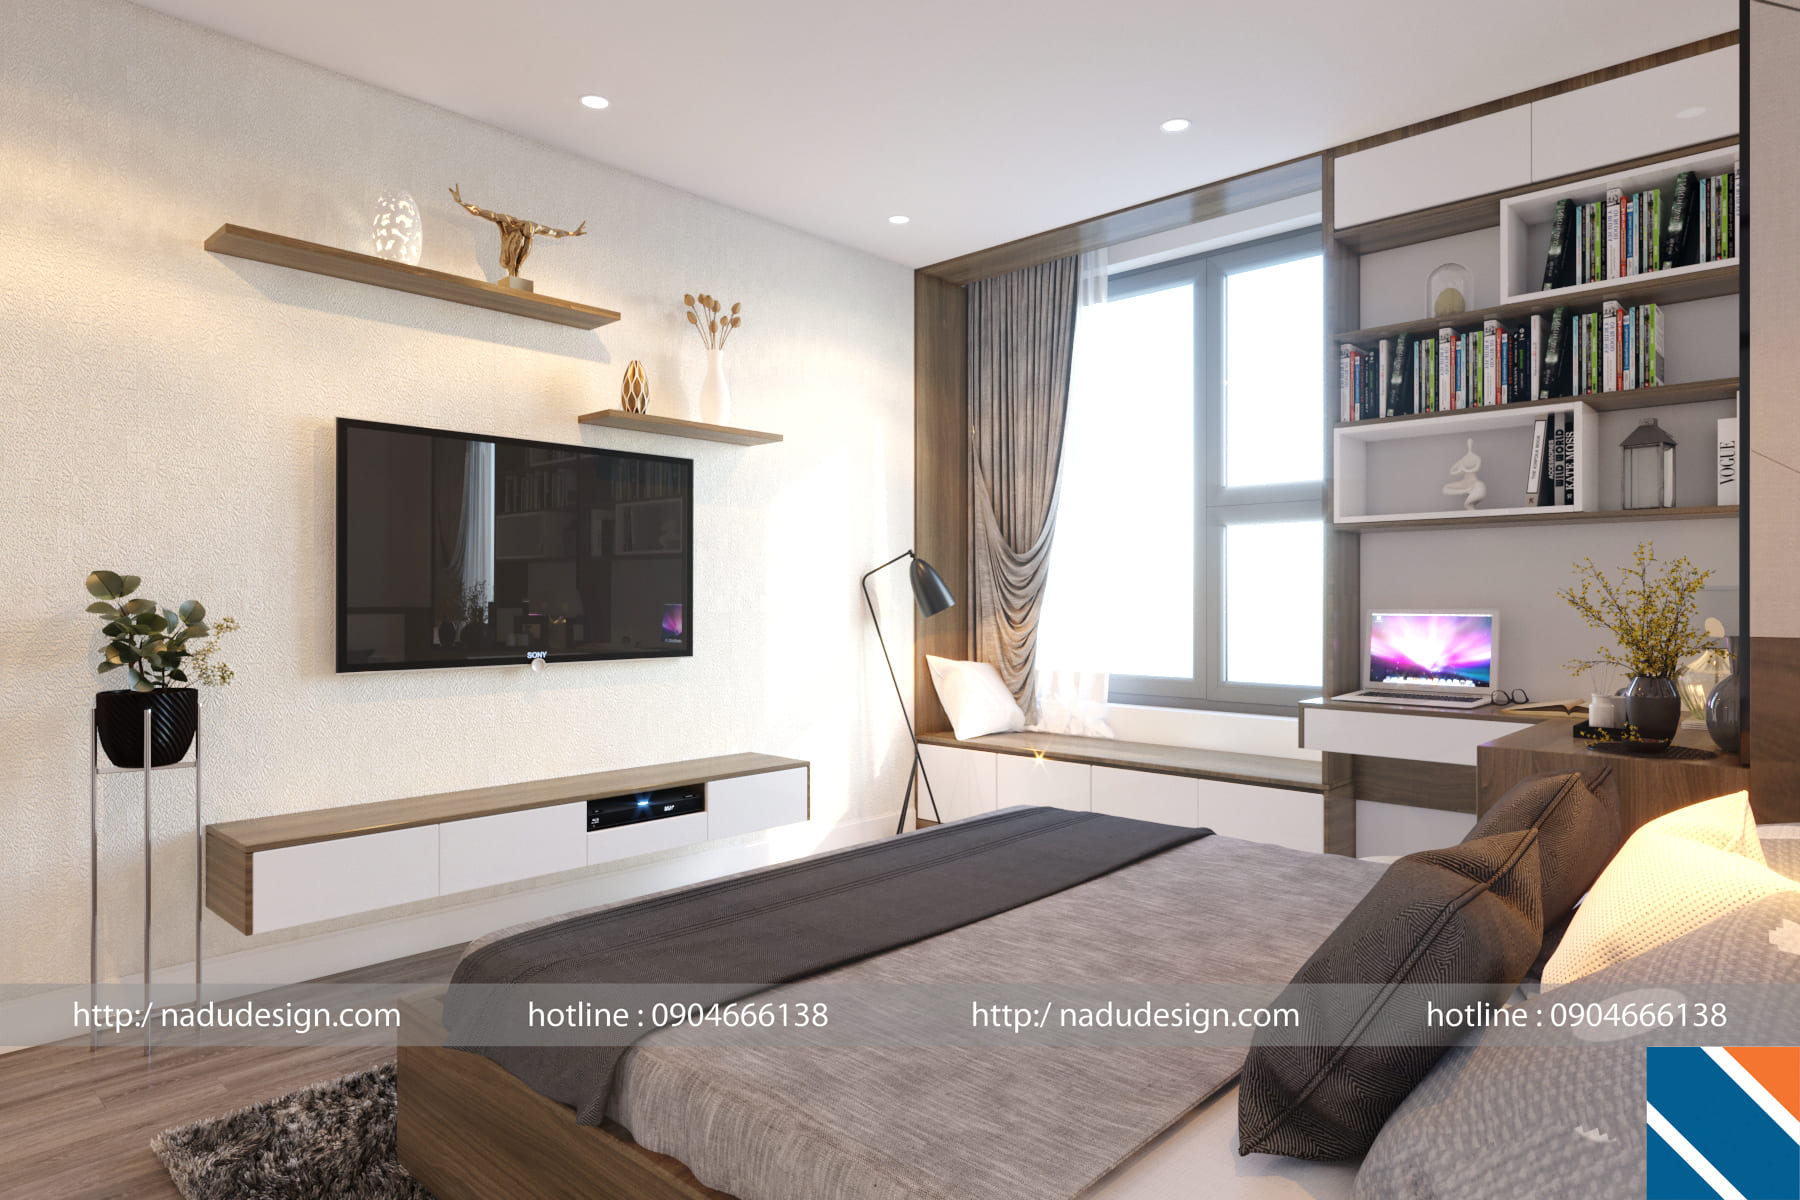 Mẫu thiết kế nội thất chung cư phòng ngủ 15m vuông đẹp, hiện đại, sang trọng